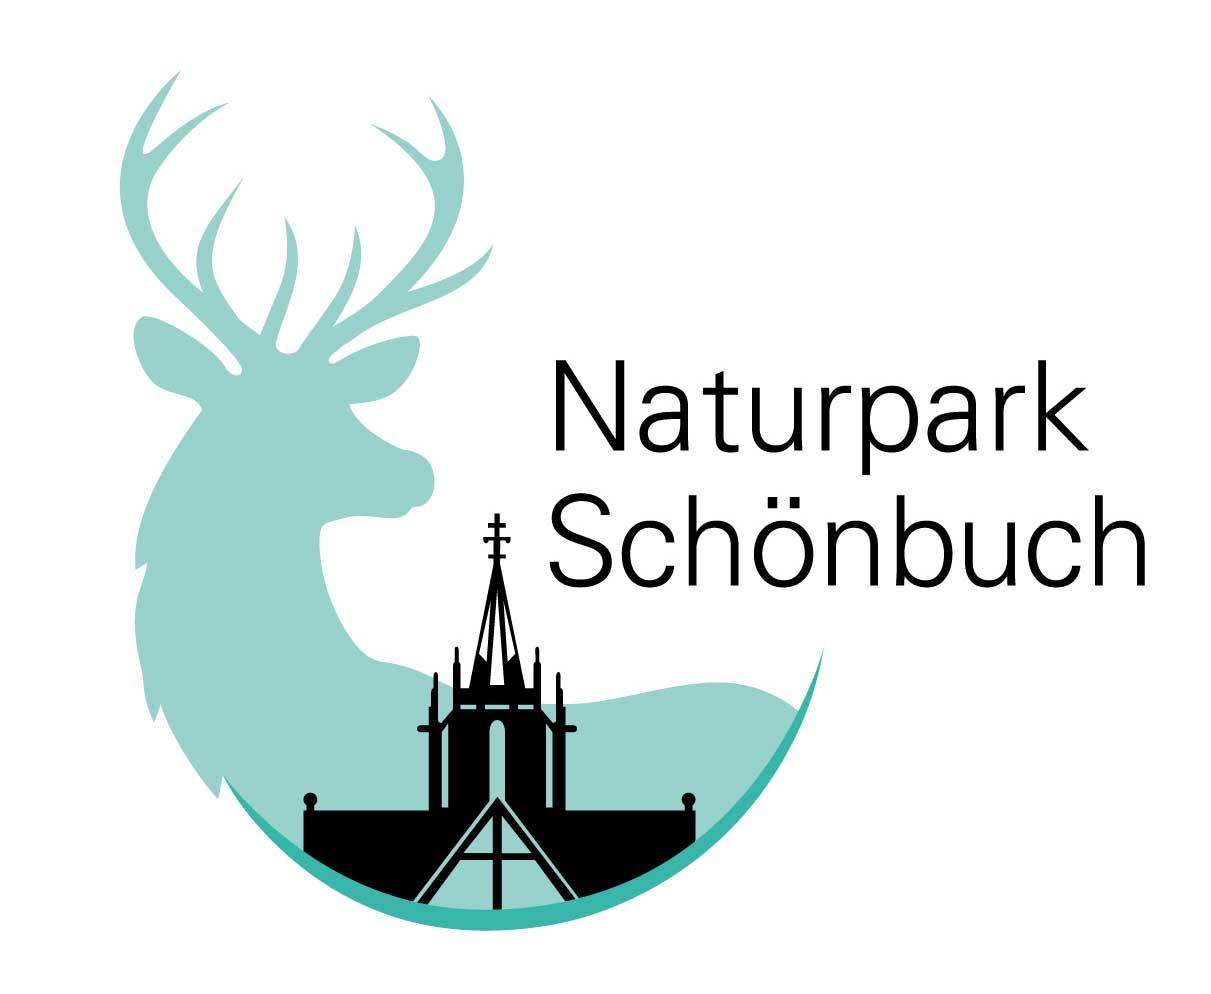 Naturpark-Schoenbuch-Logo-Rothirsch